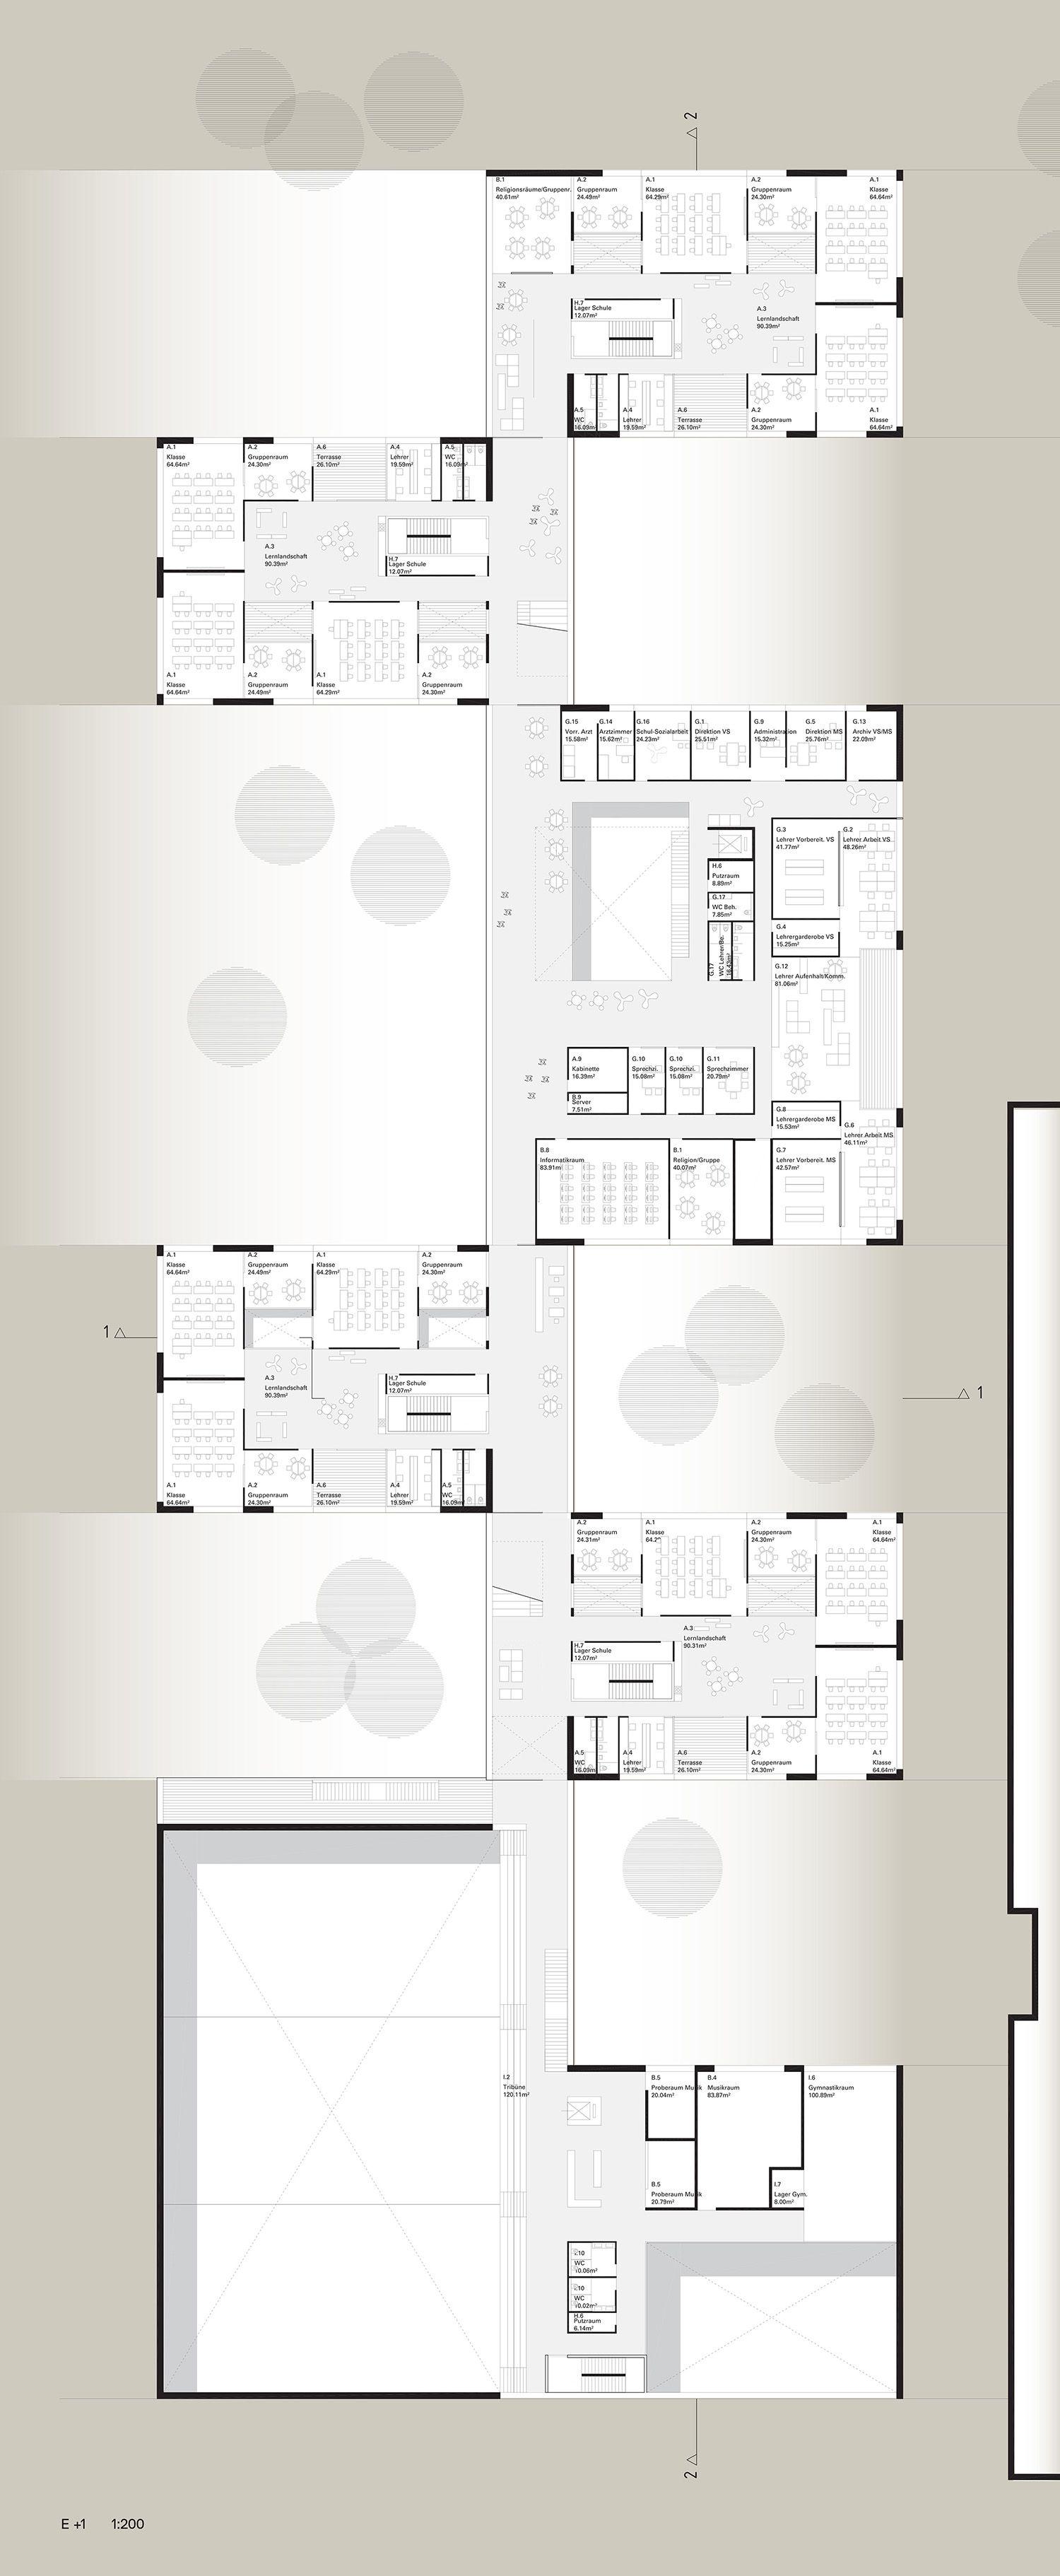 2. Preis E +1, © SWAP Architekten (mit Bildern